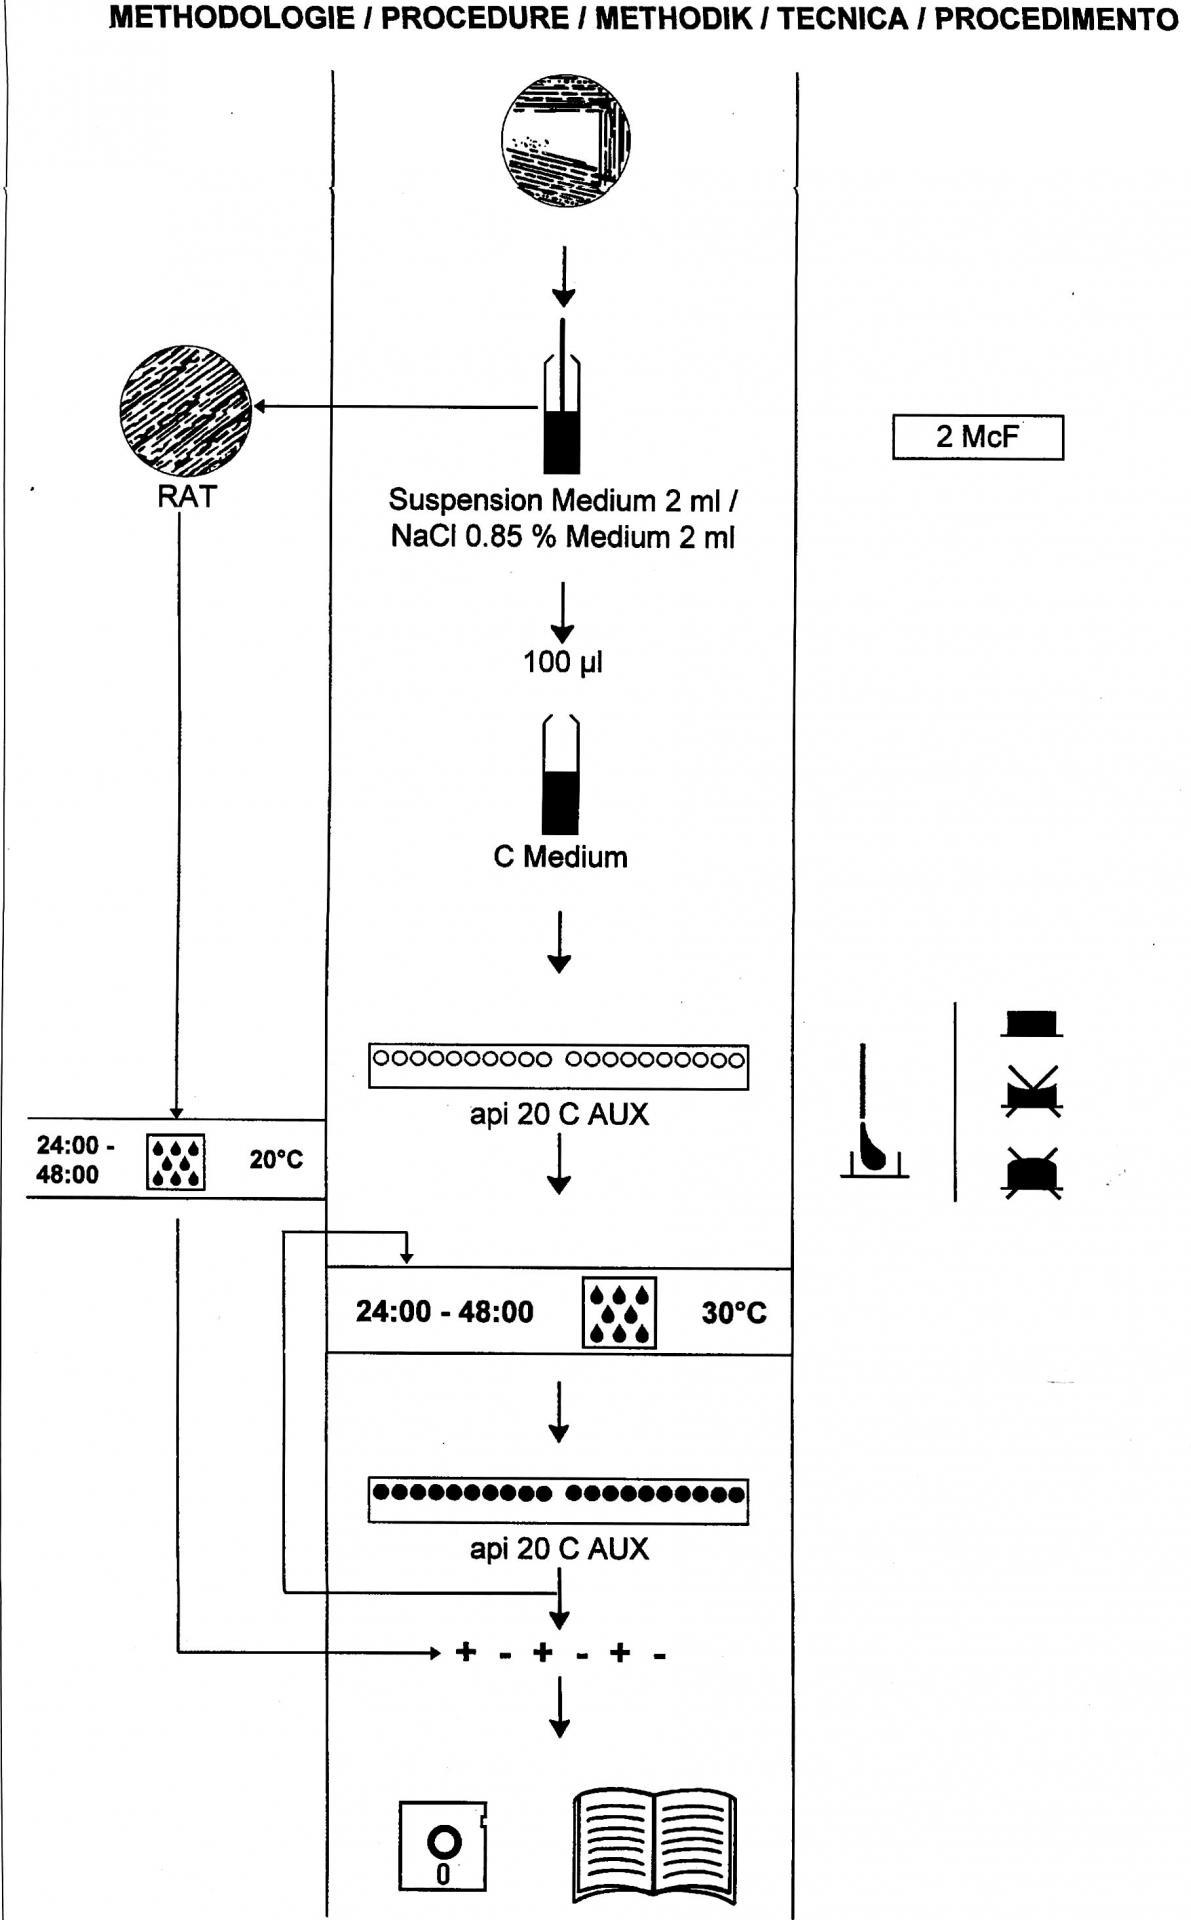 protocole api 20 c aux - Coloration De Gram Protocole